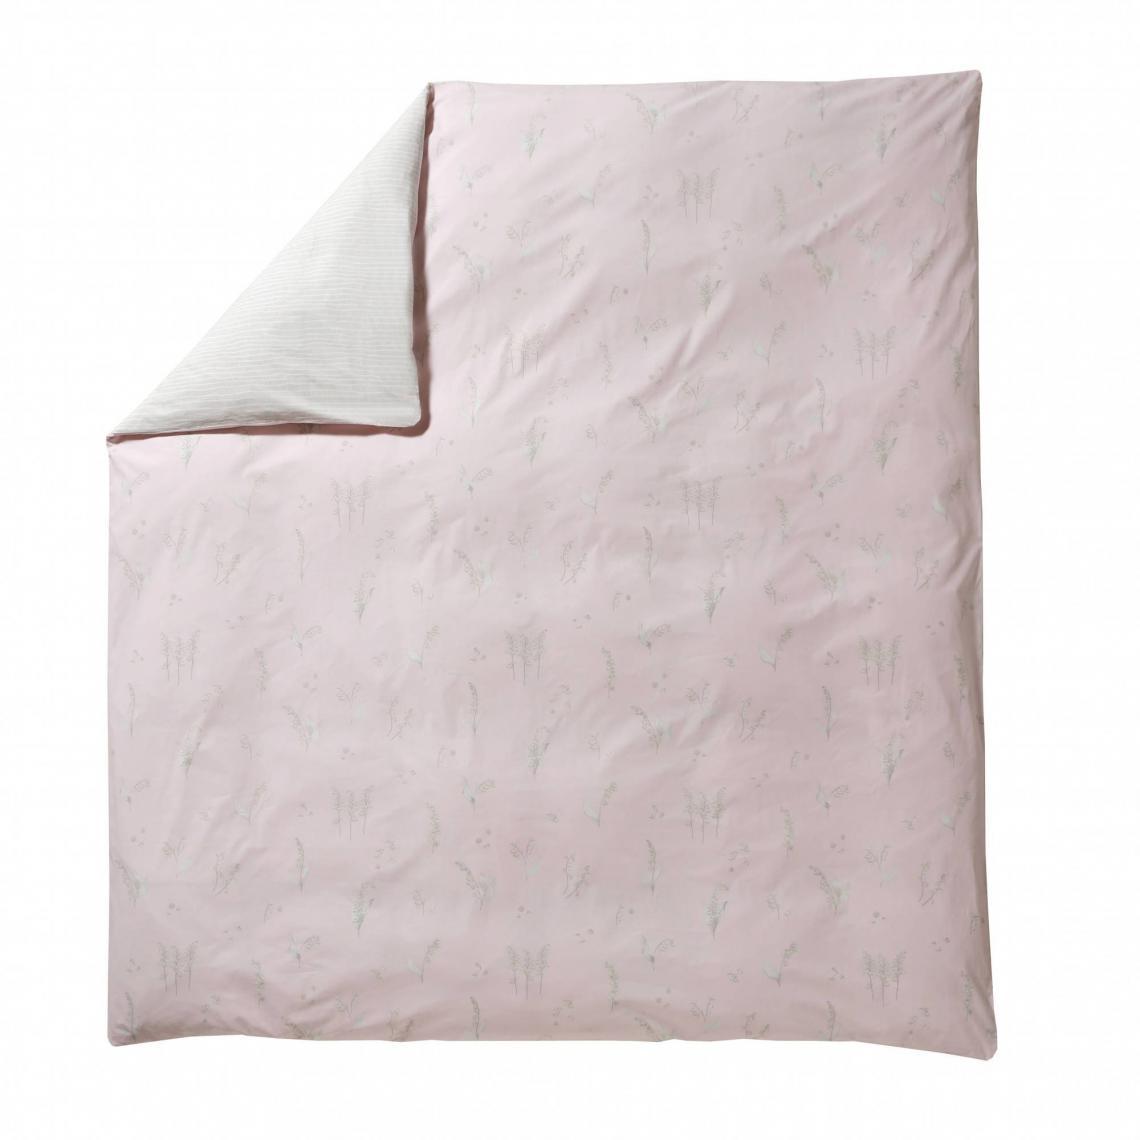 17b190bb102135 Housse de couette percale de coton imprimé Lily poudre Blanc des ...